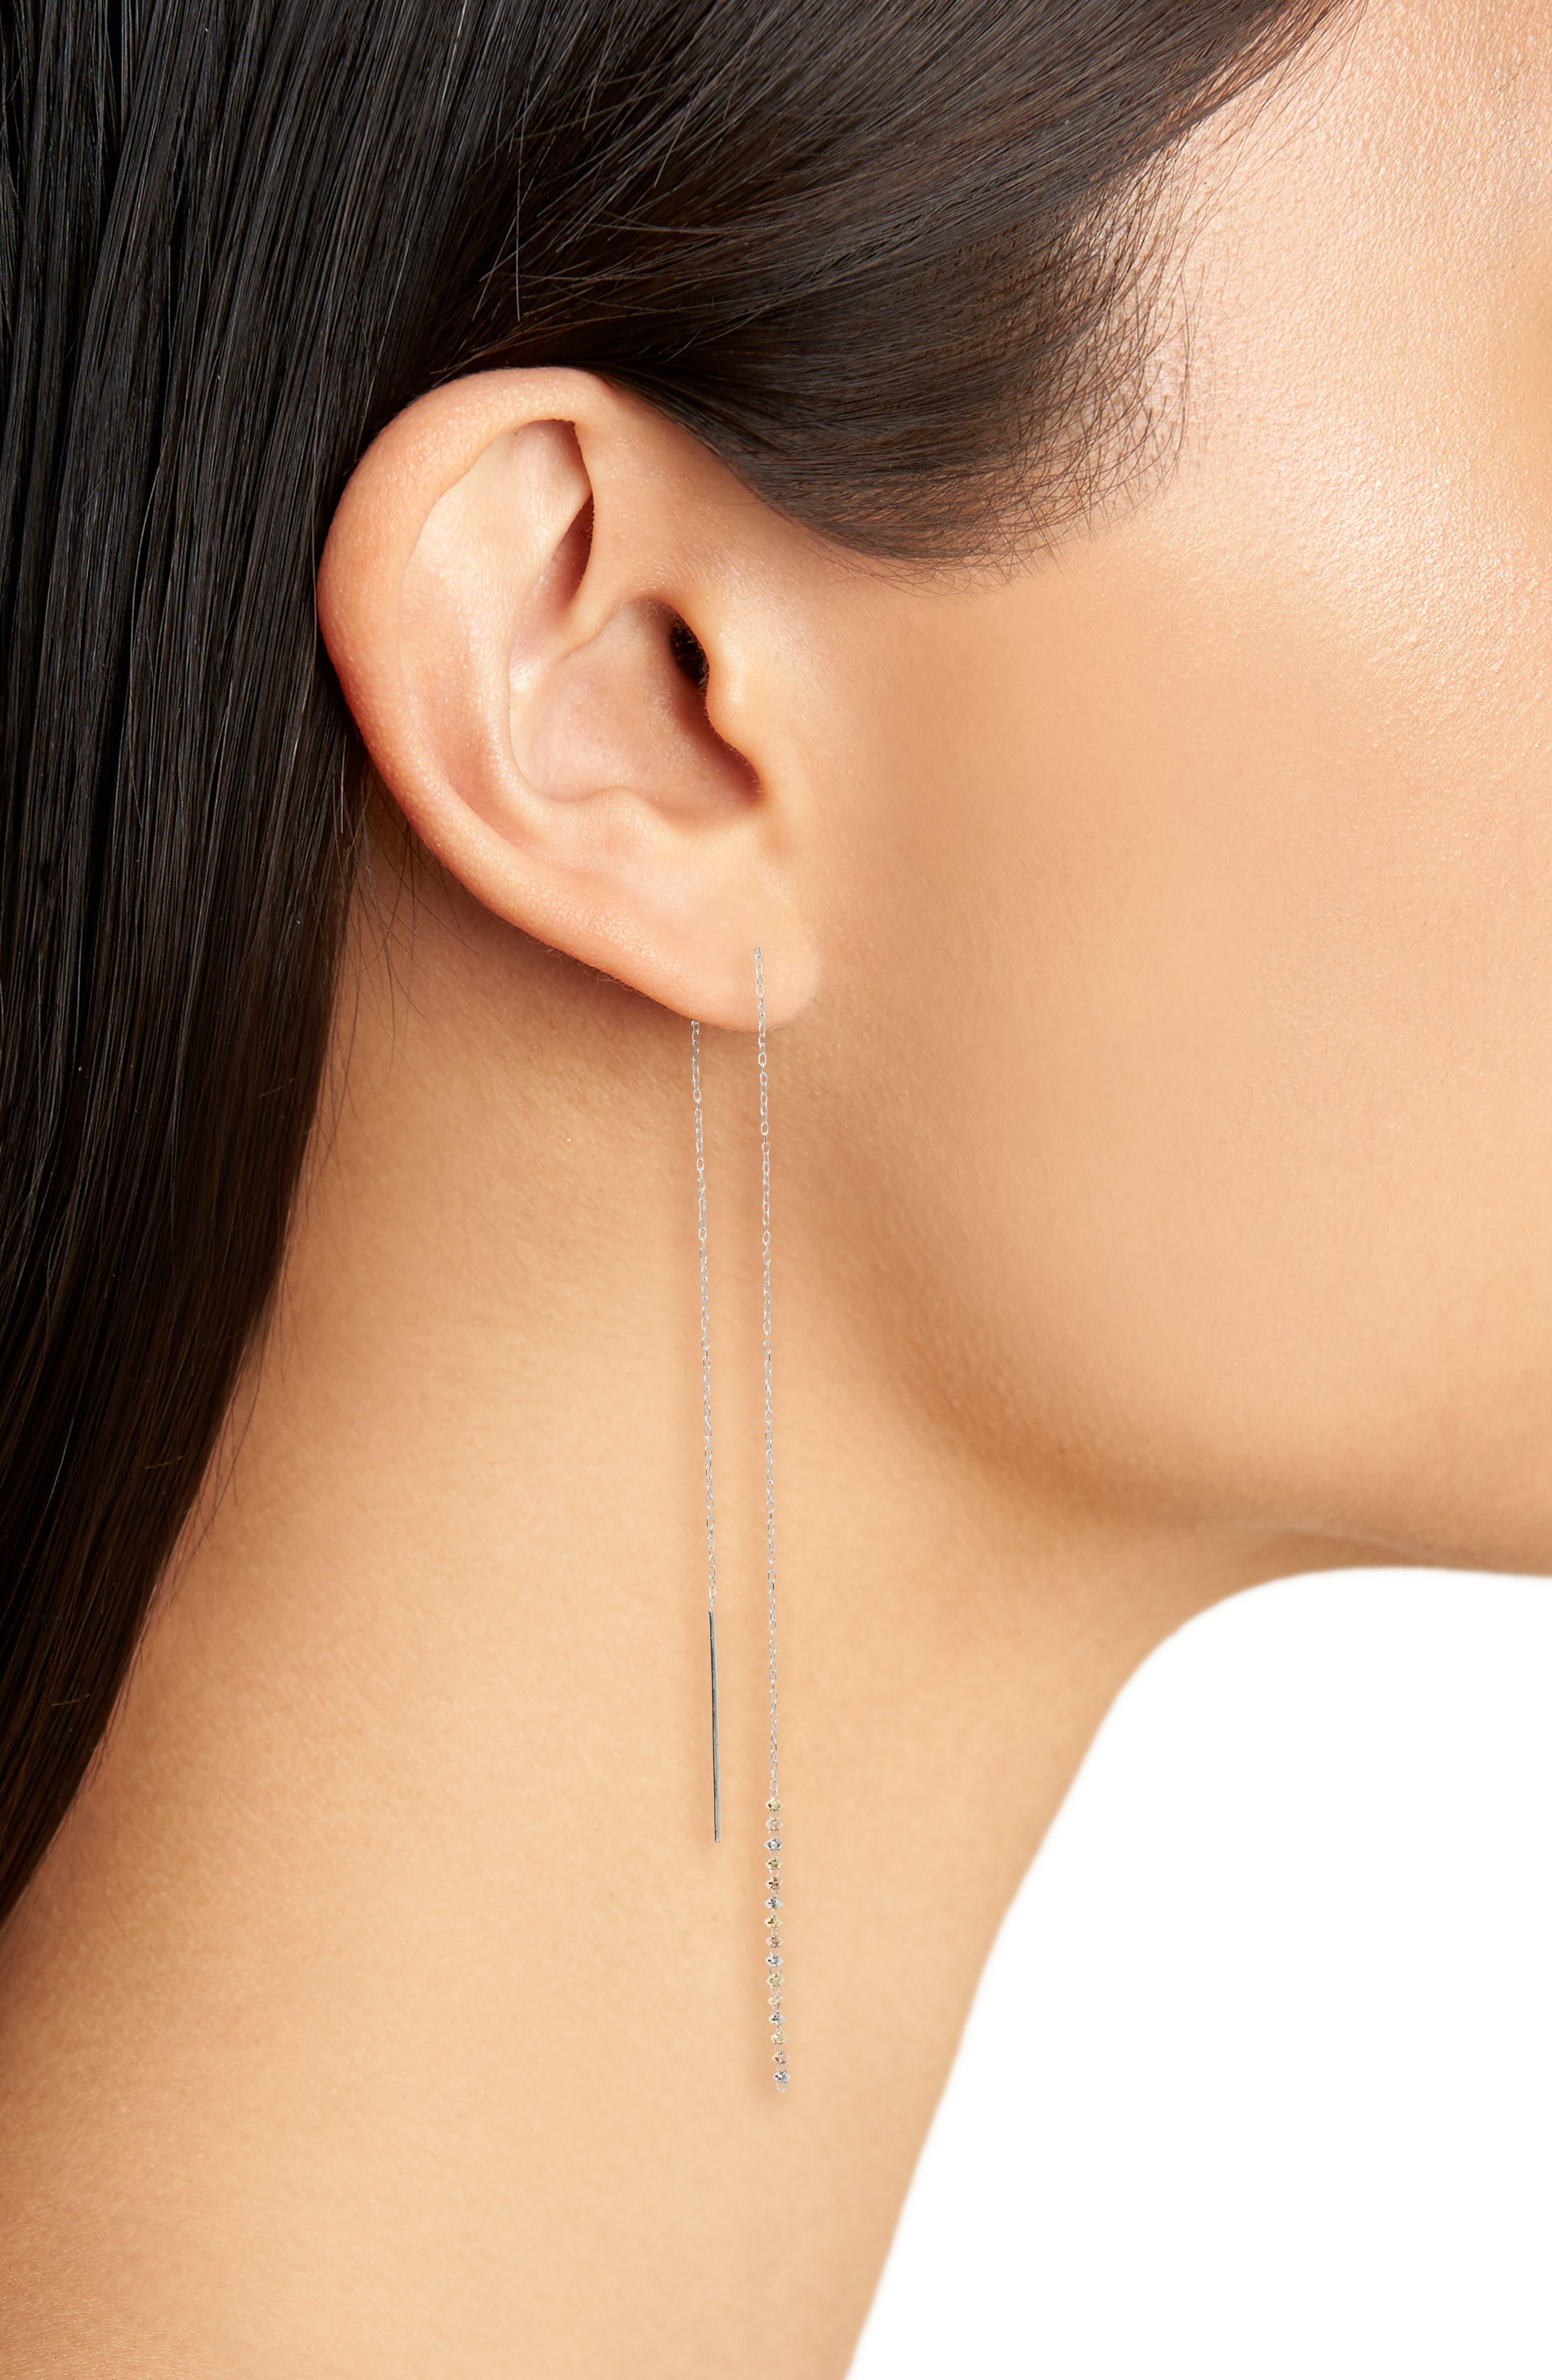 Long Shimmer Threader Earrings,                             Alternate thumbnail 2, color,                             TRI GOLD